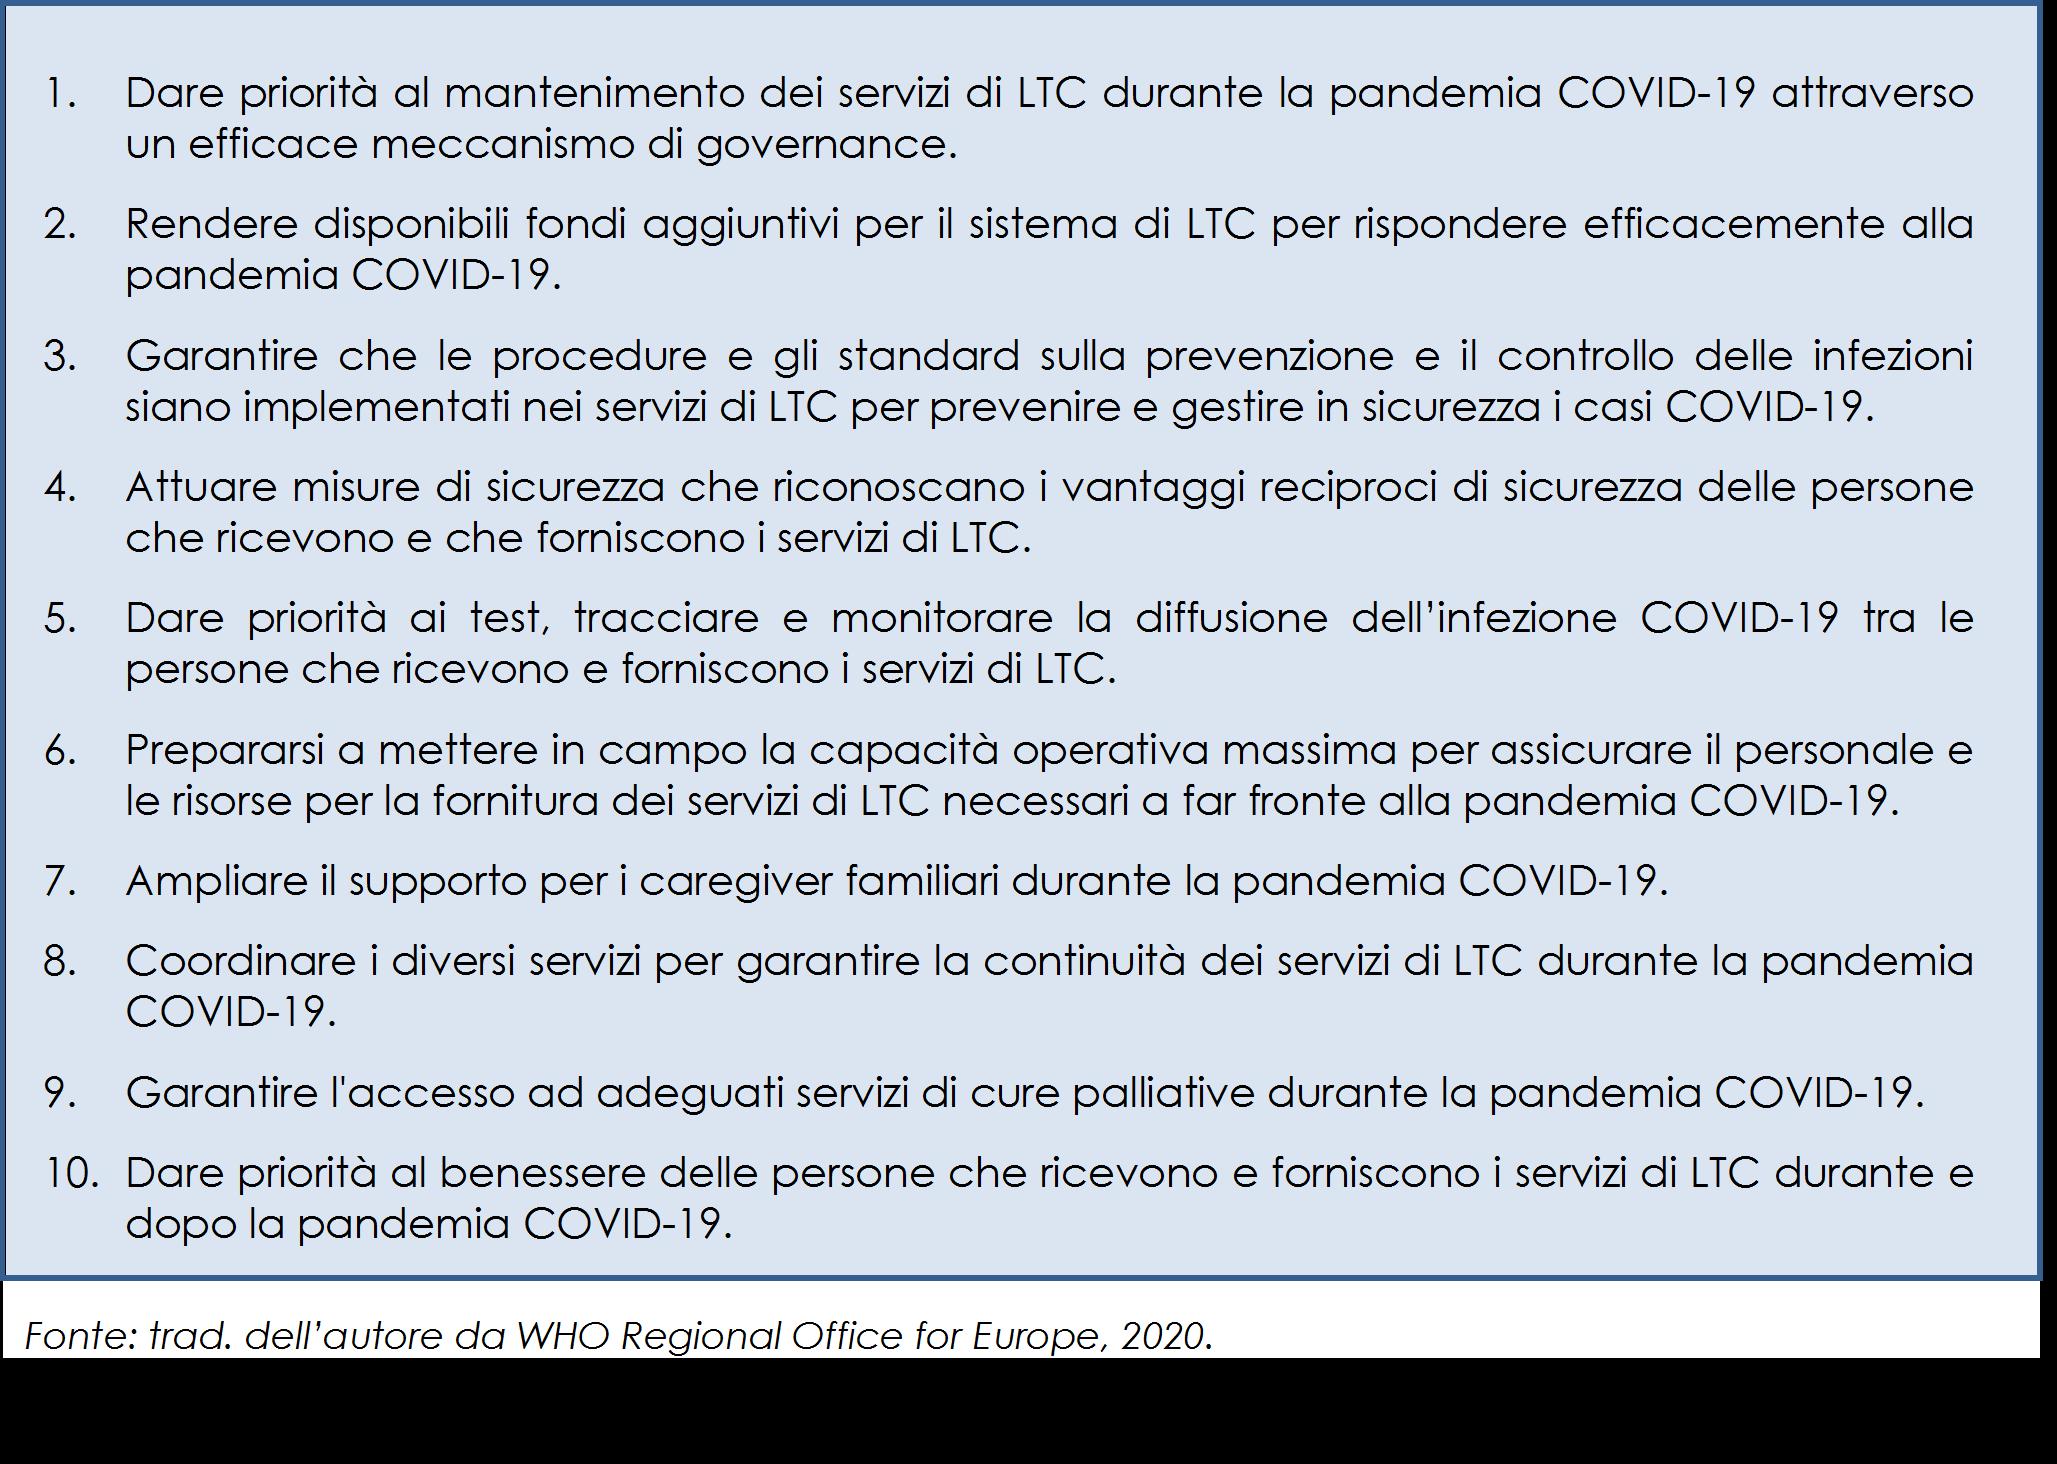 obiettivi politici per prevenire e gestire la pandemia COVID-19 nei servizi di LTC